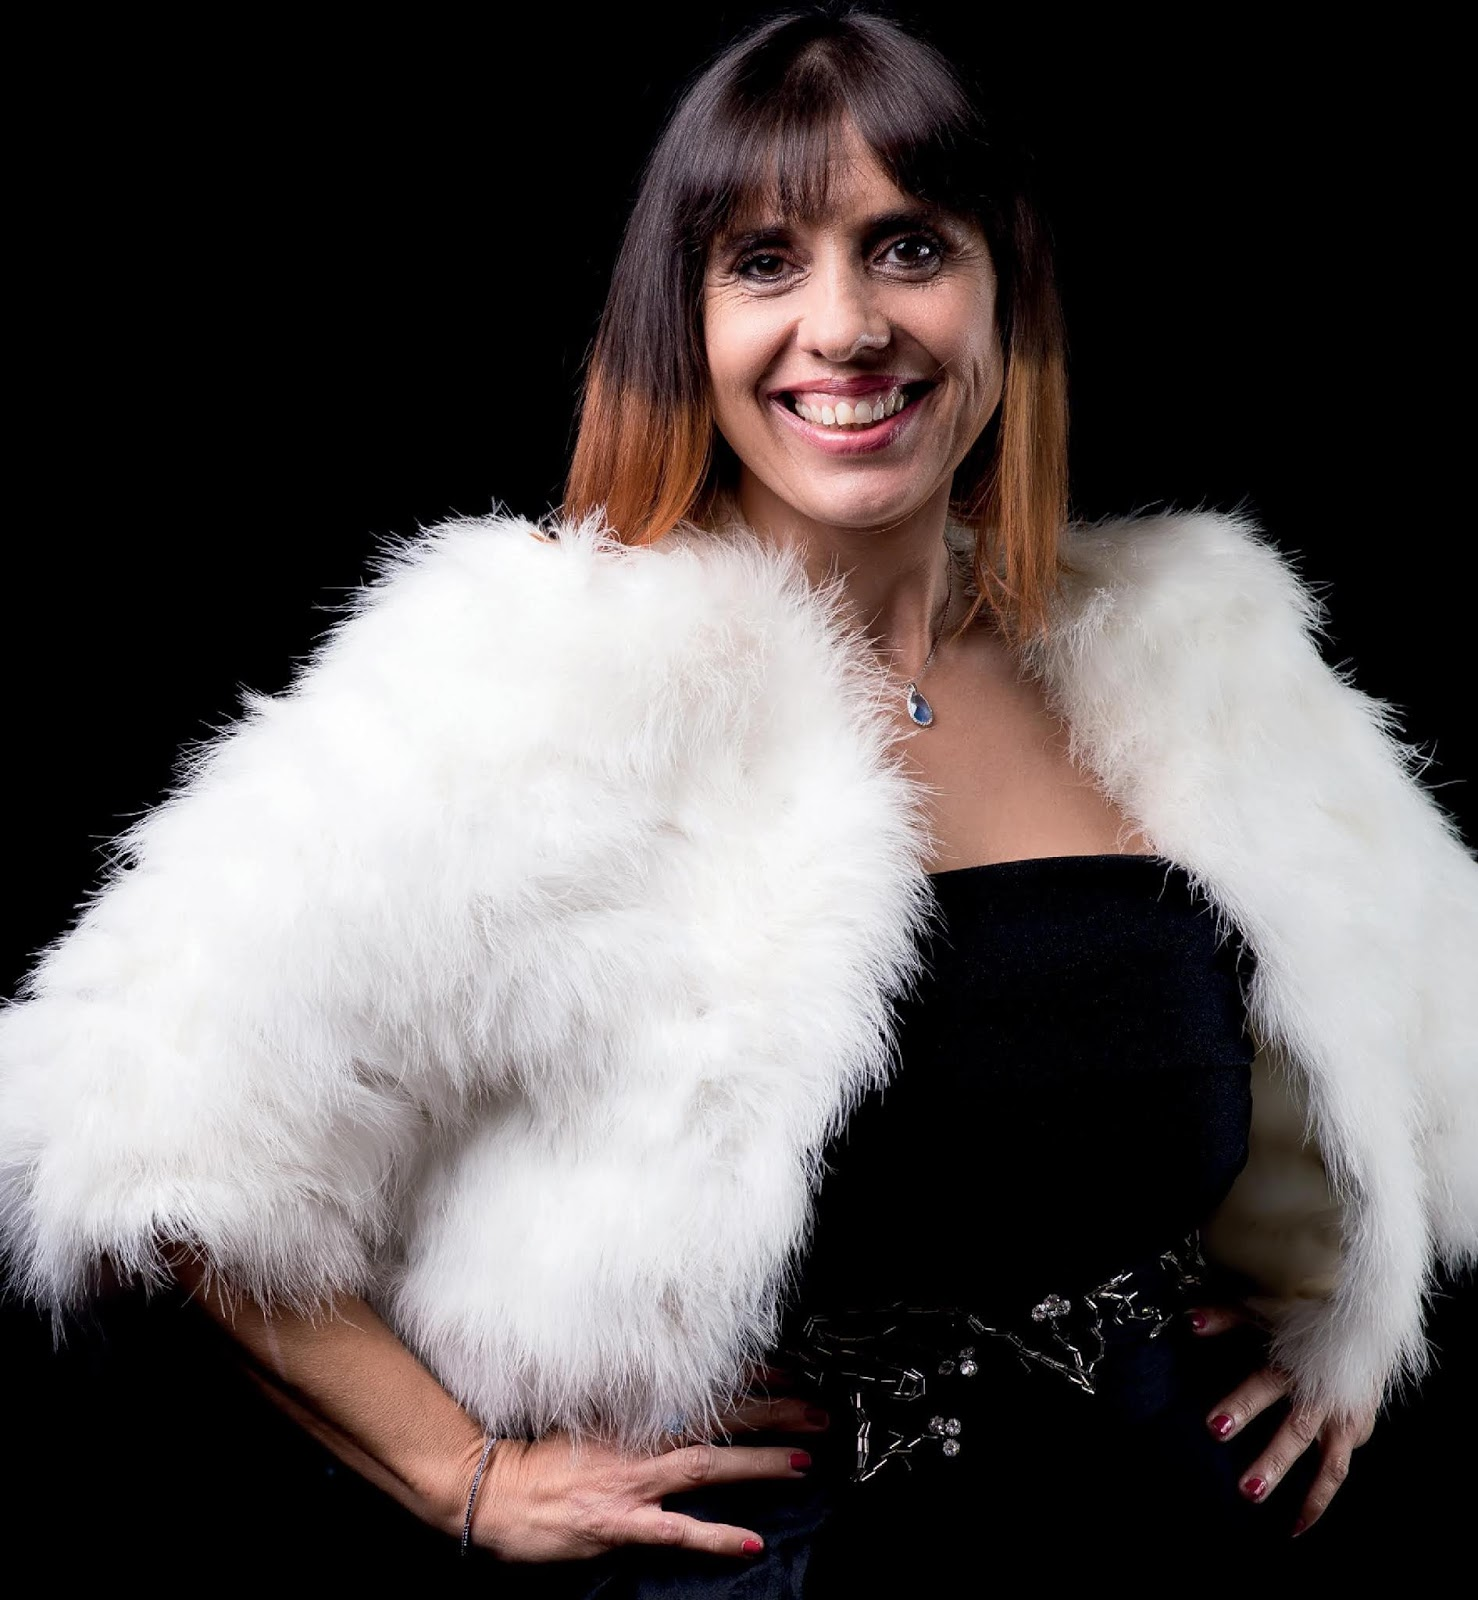 Emanuela Del Zompo